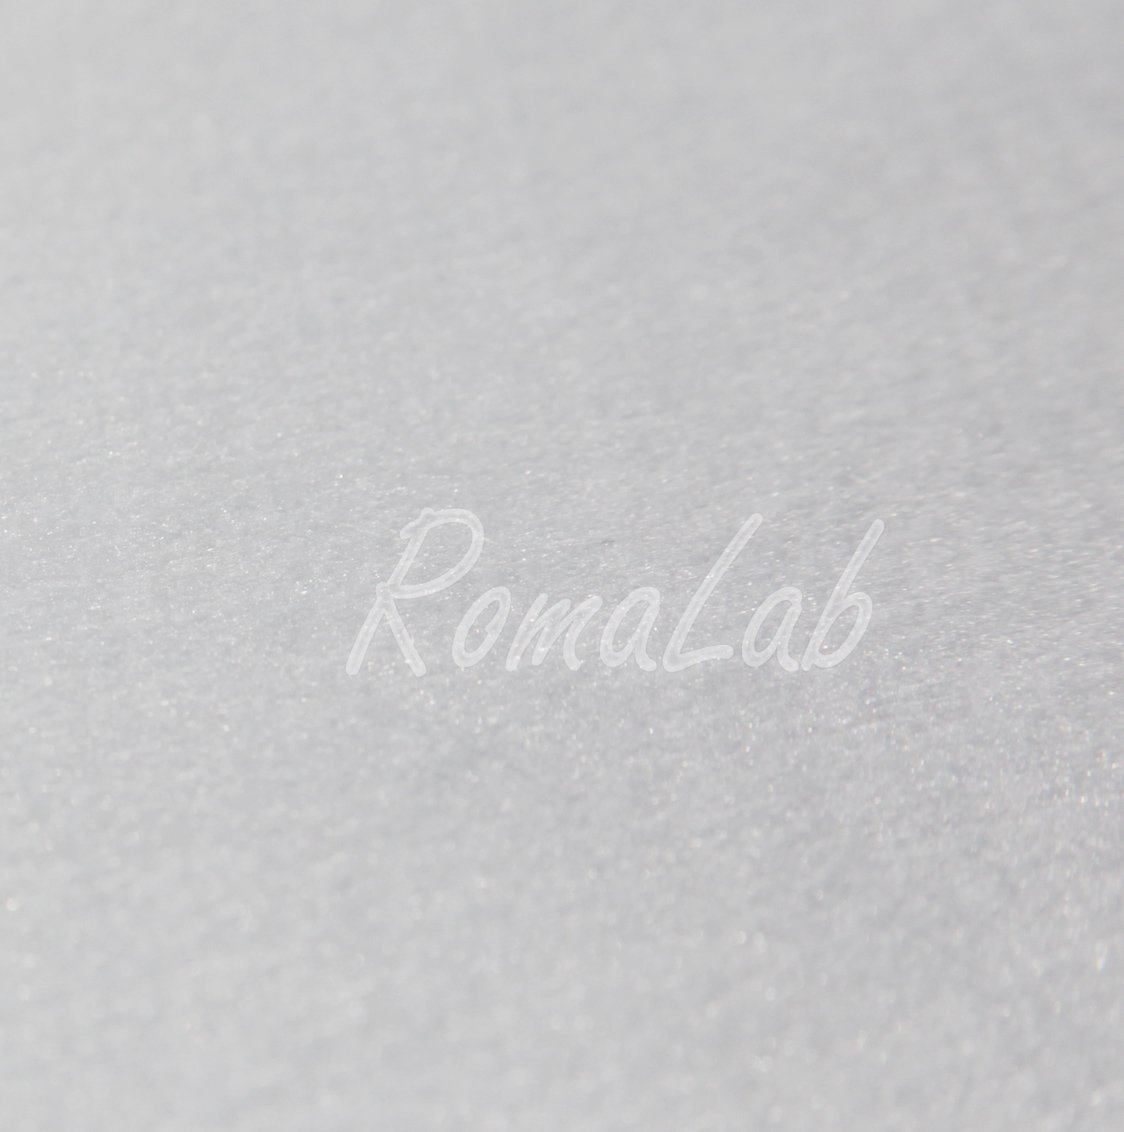 RomaLab.it FOGLIO DI FELTRO 40X60 CM SPESSORE 2 mm PANNOLENCI bianco per SCRAPBOOKING